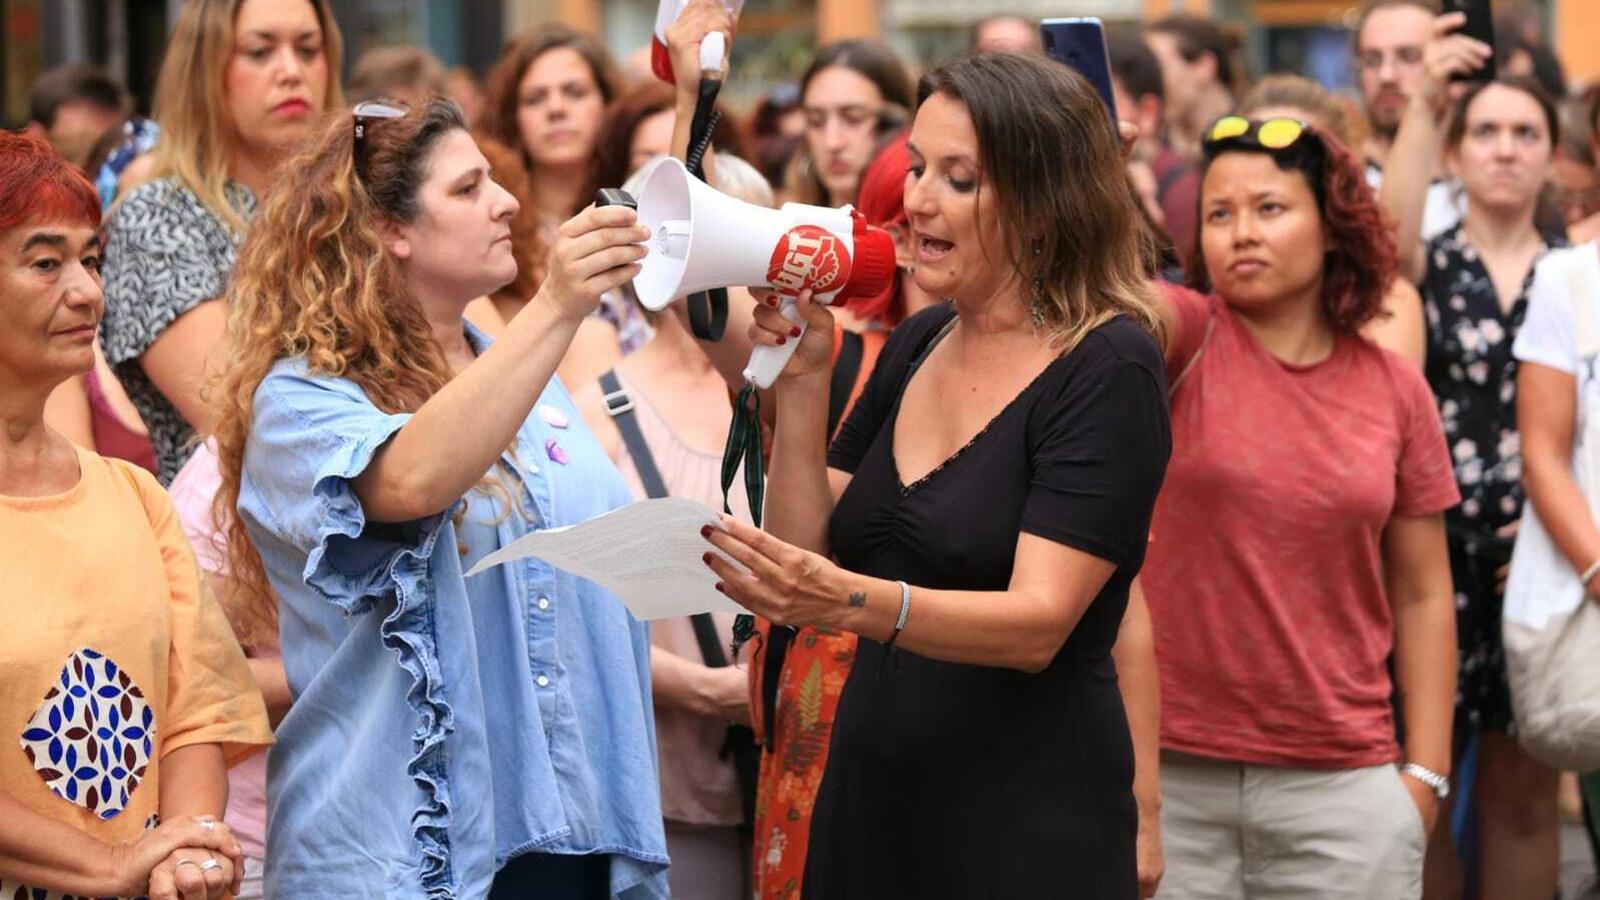 Concentració a la plaça de l'ajuntament convocada pel Moviment Feminista de Mallorca i Brilla Illes Balears